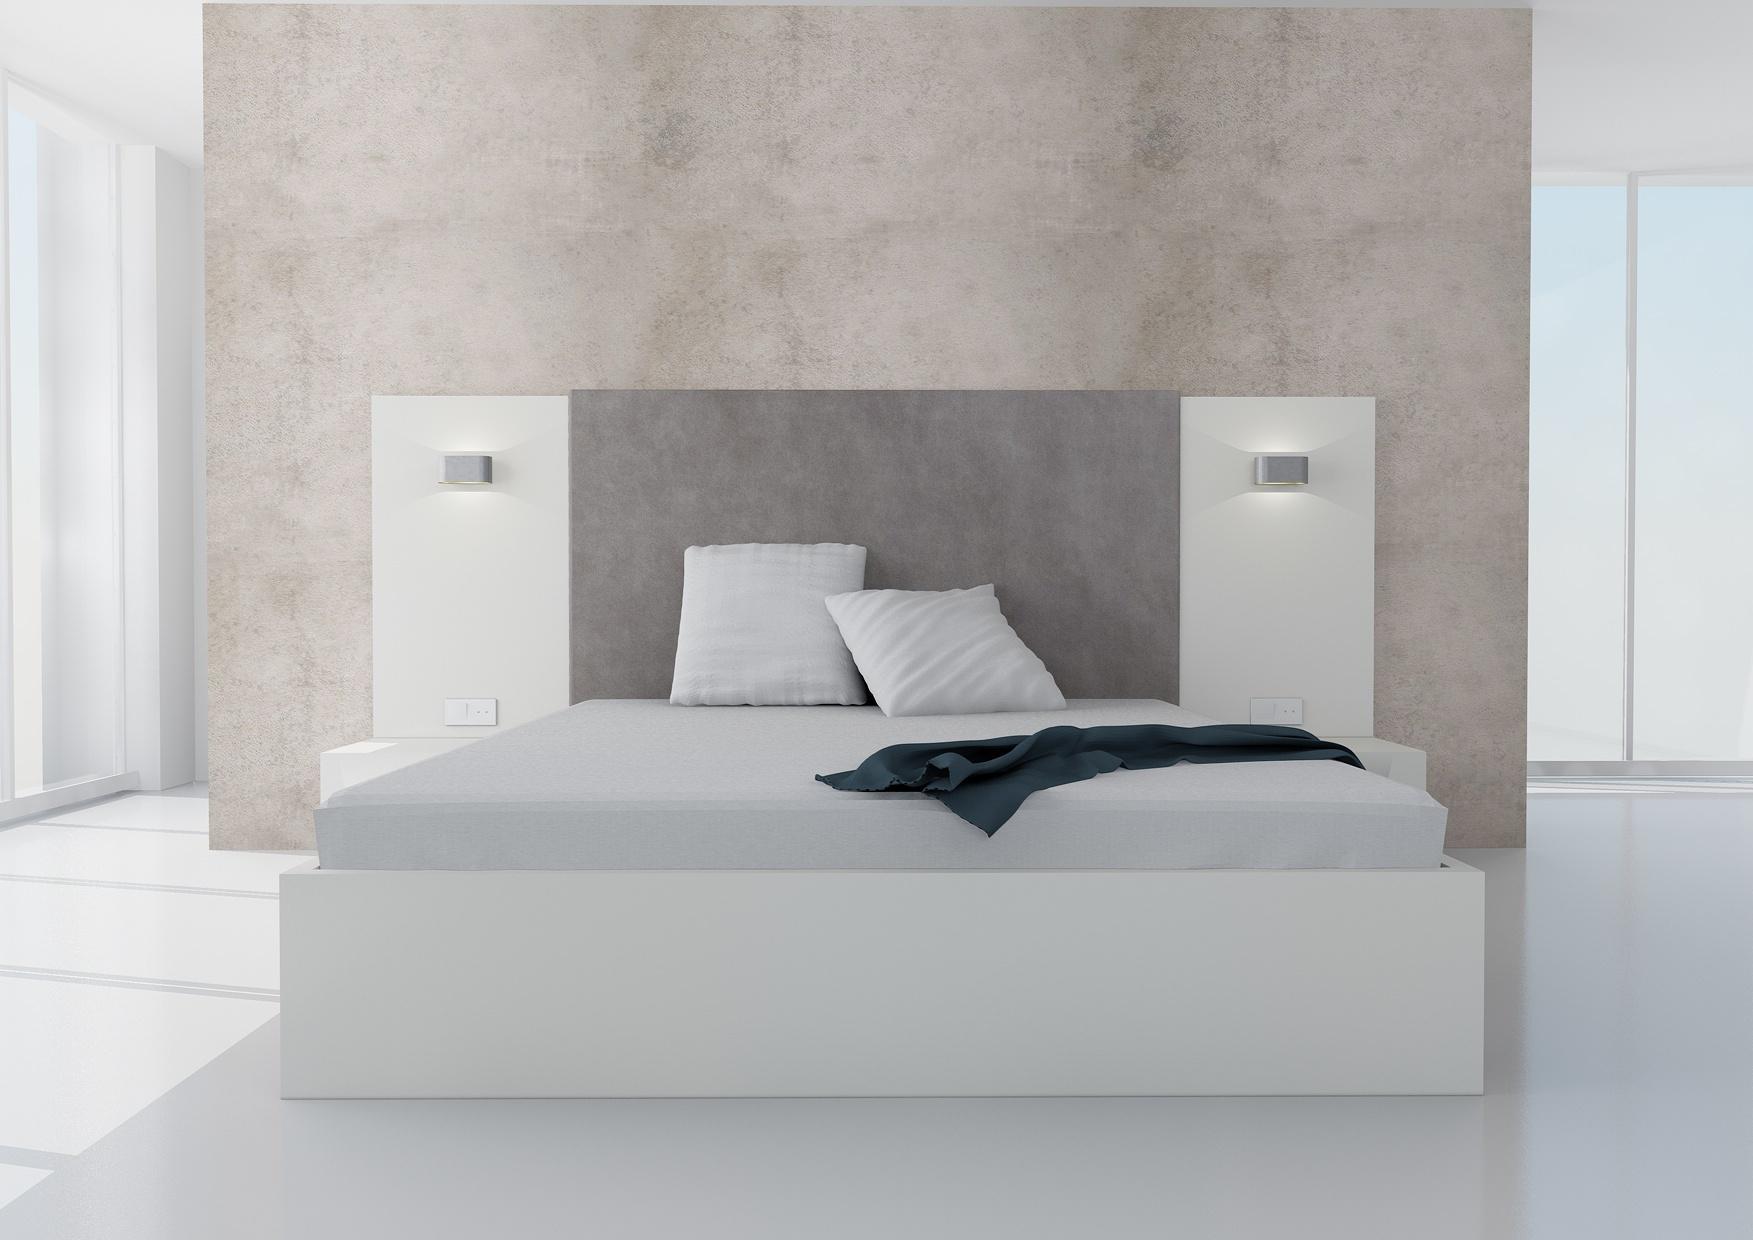 Manželská posteľ Koncepto s úložným priestorom, platinova biela, sivé čalúnenie, , nočné stolíky, svietidlá a zásuvky